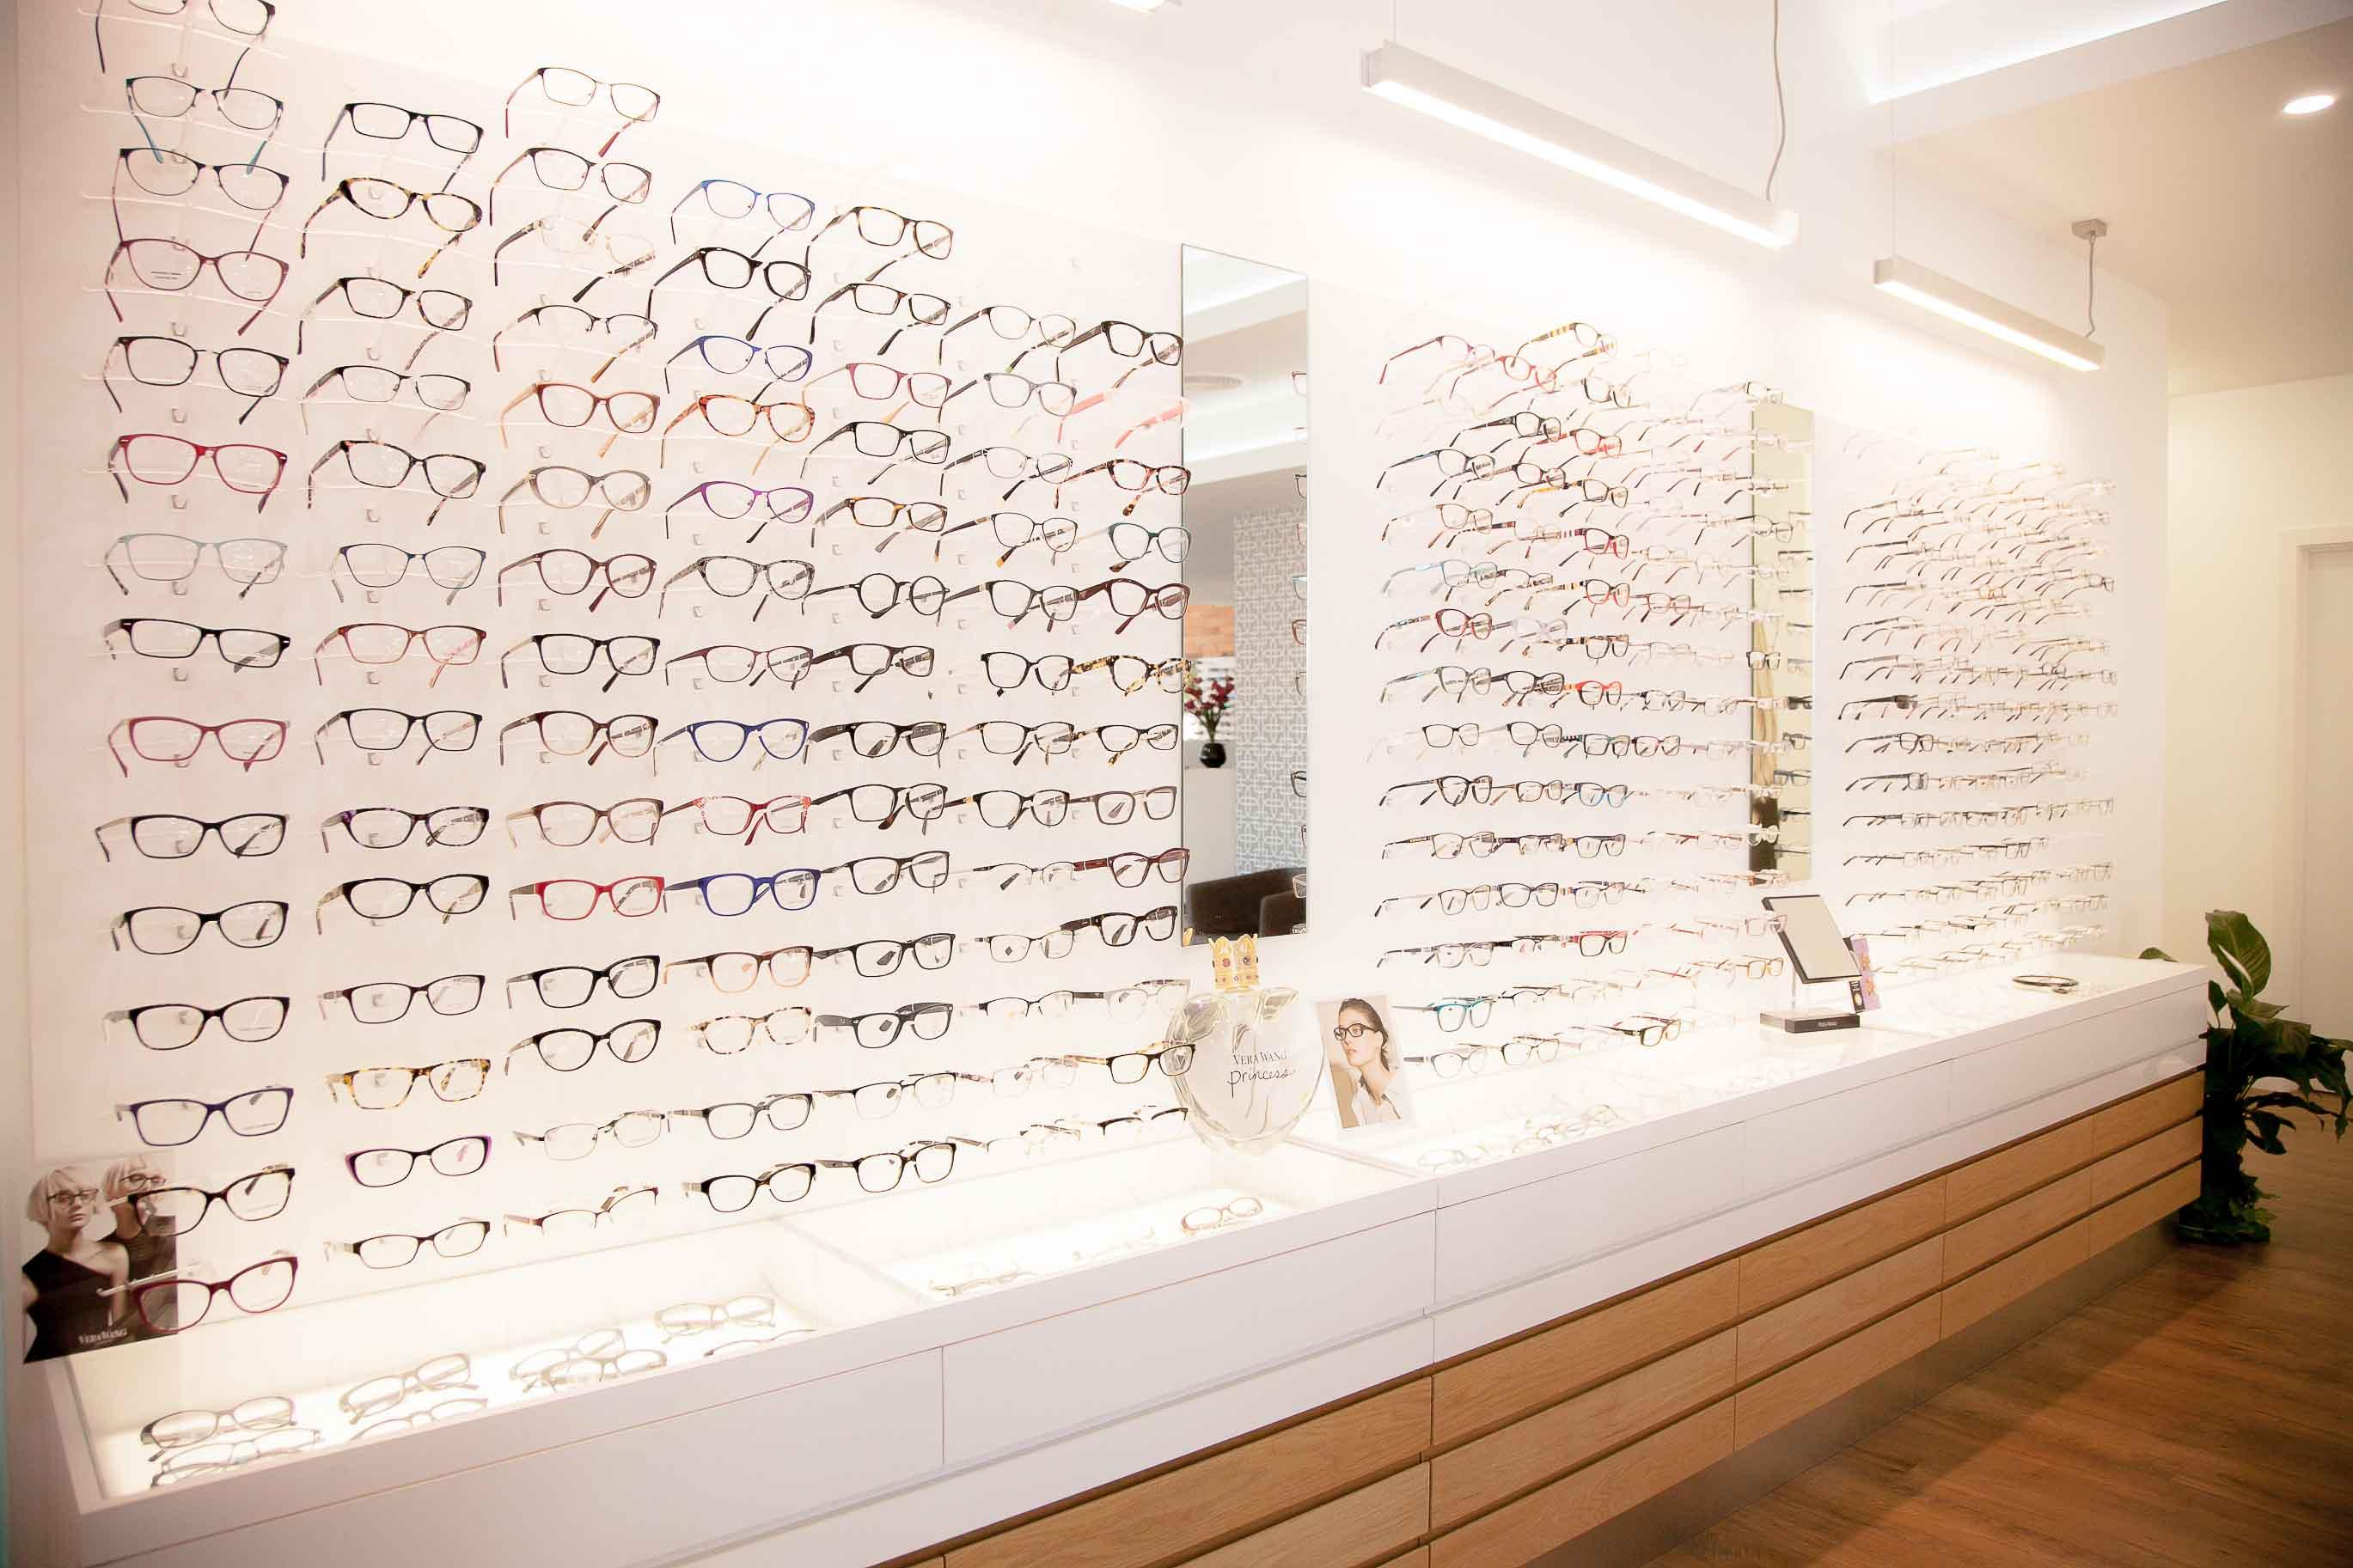 Wangaratta Eyecare